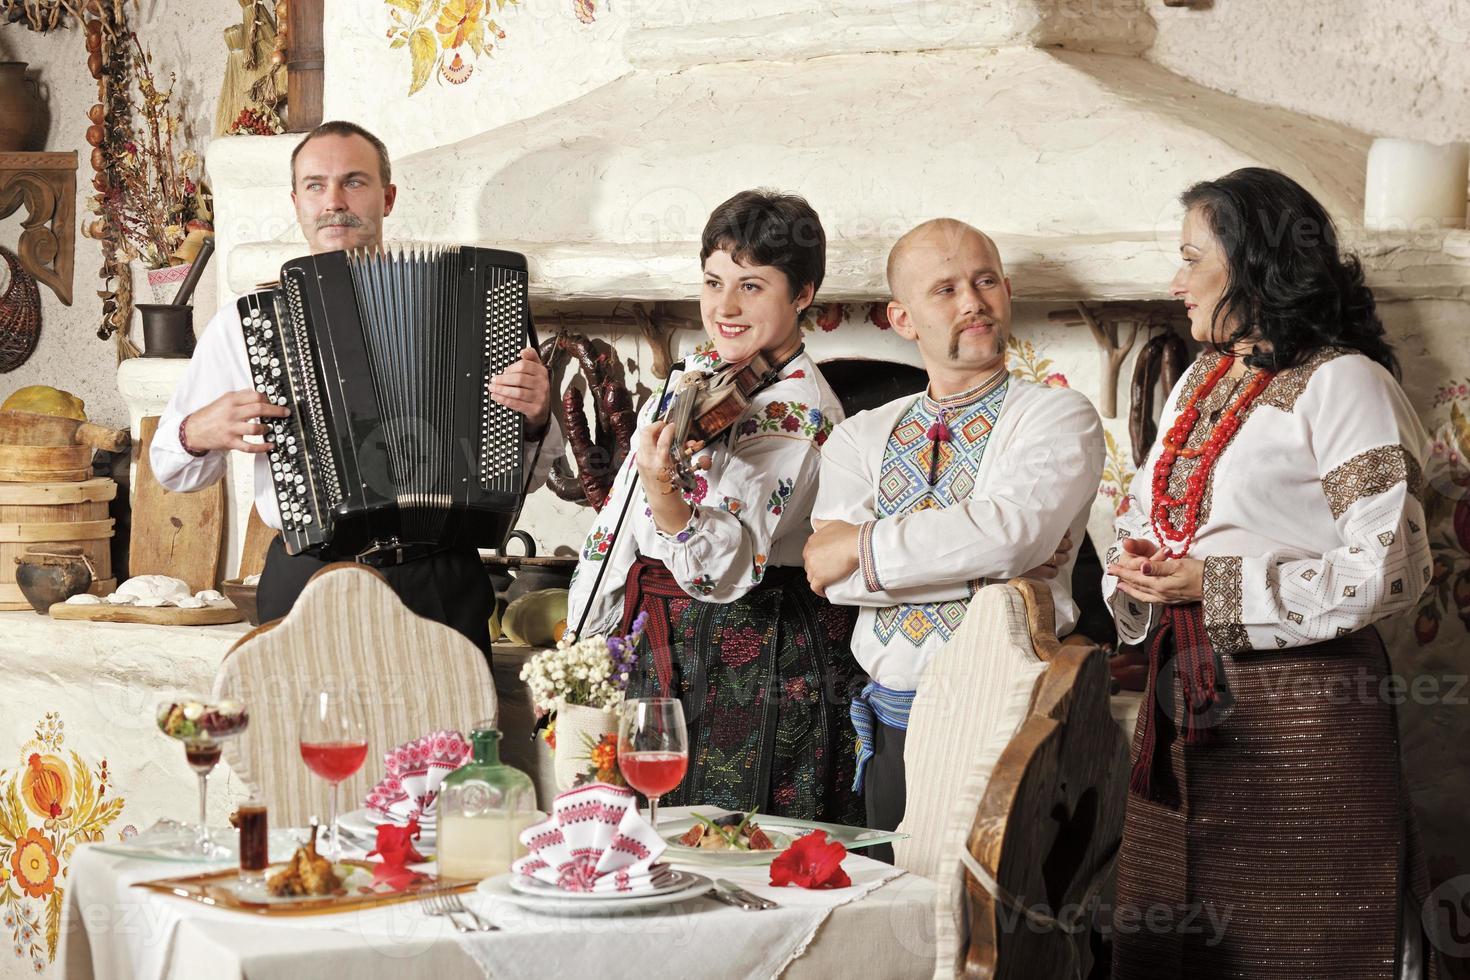 Oekraïens etnisch muziekbandconcert foto